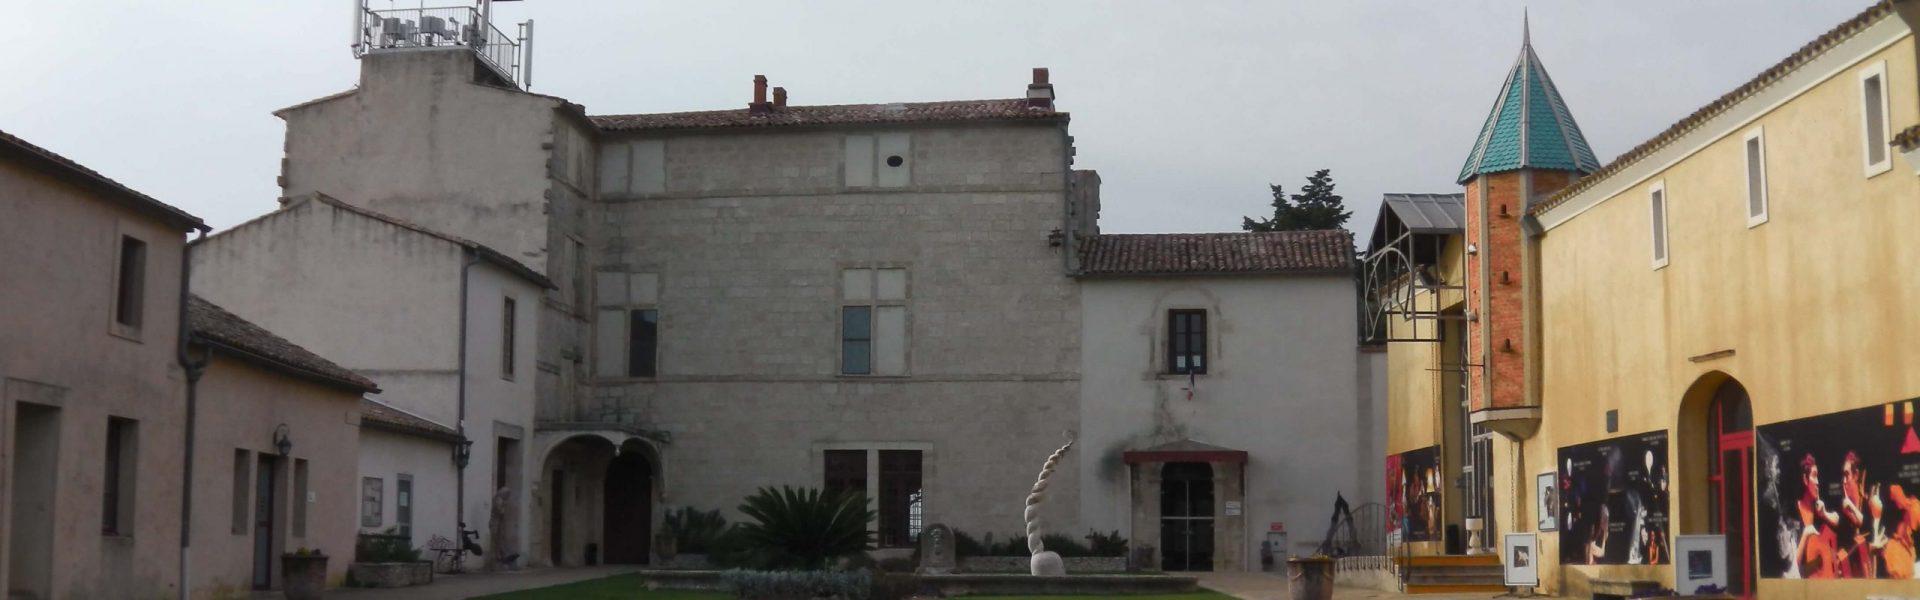 Château du terral de la ville de Saint-Jean-de-Vedas